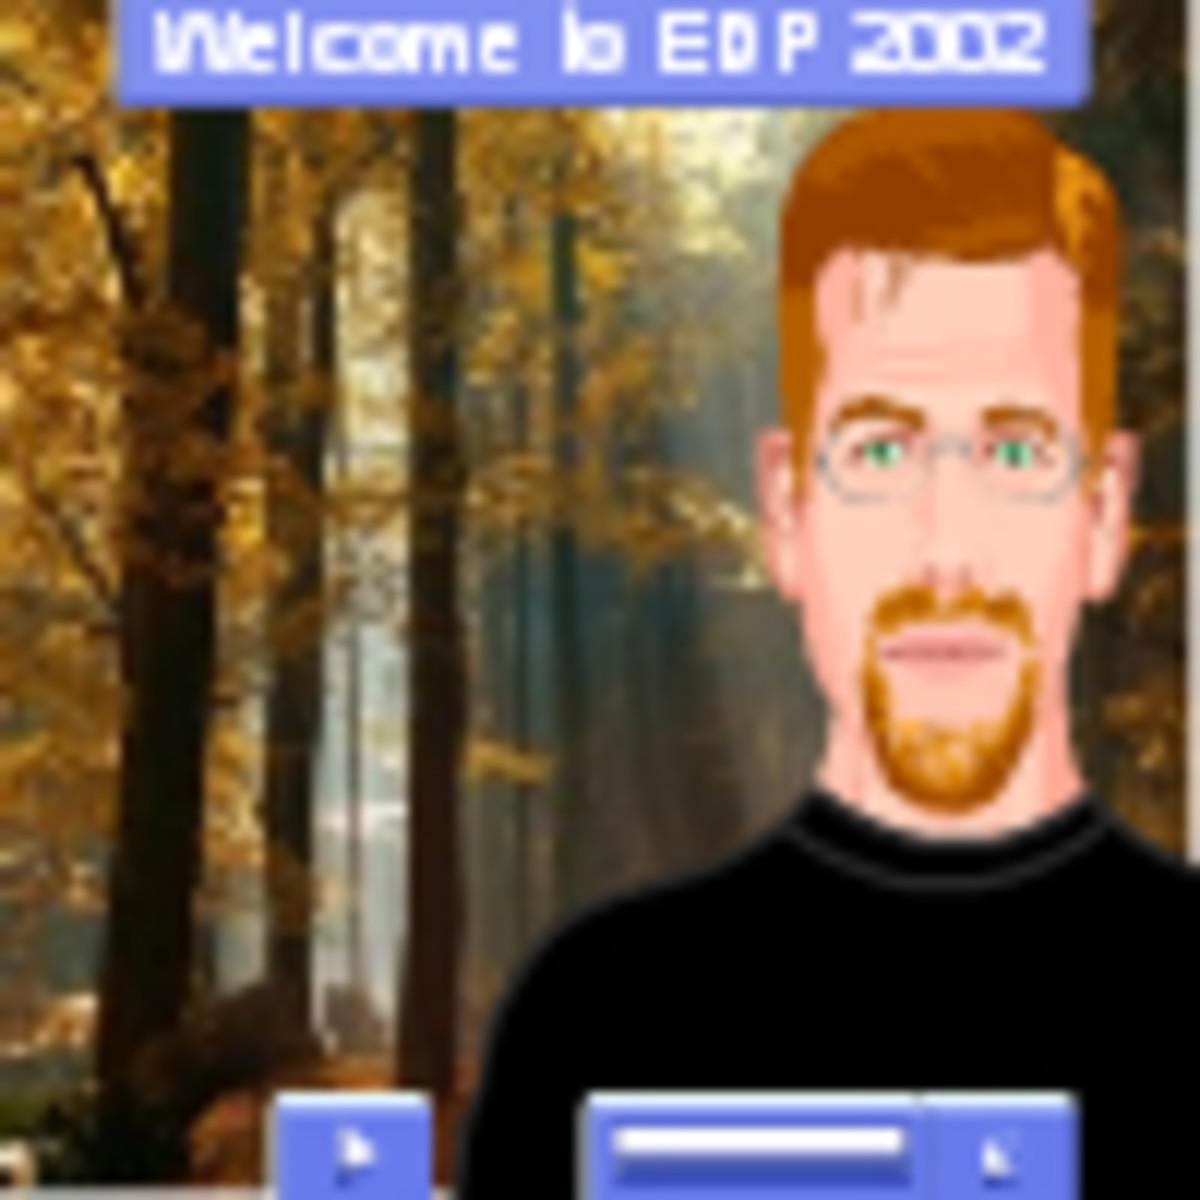 John Virtual Connor